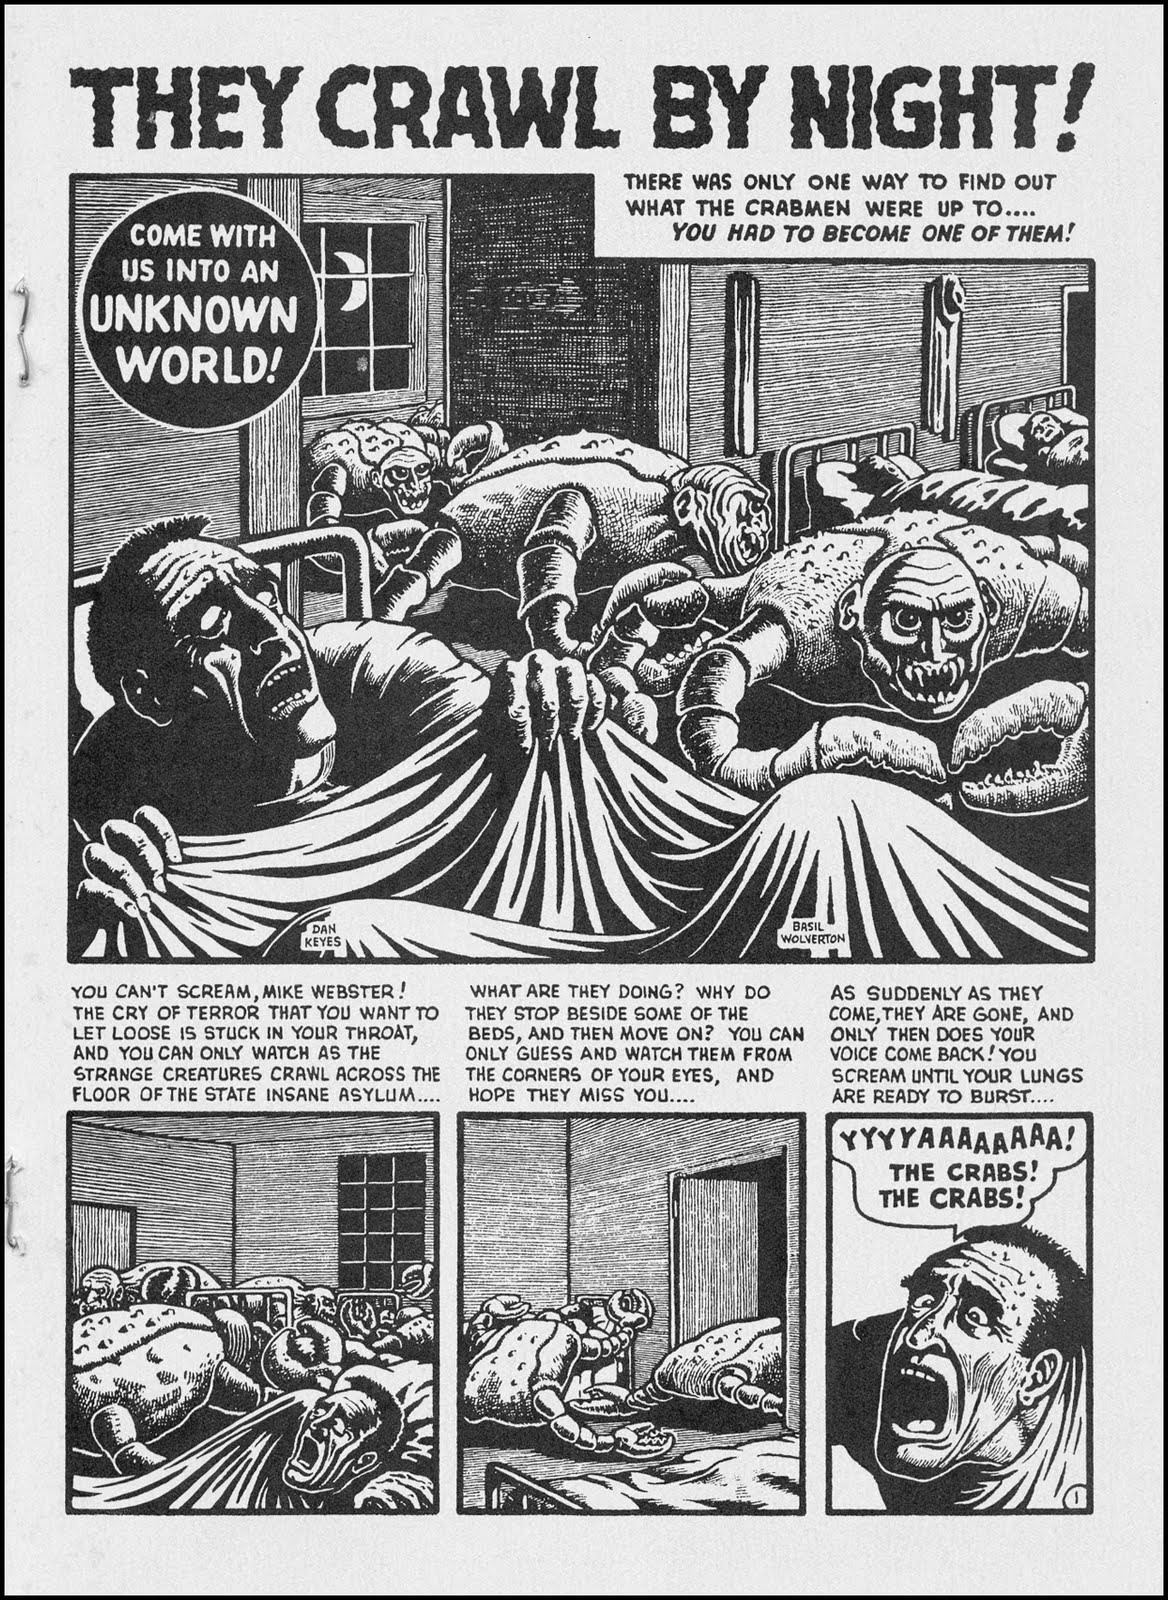 Trabajos de Wolverton para la prensa undeground estadounidense